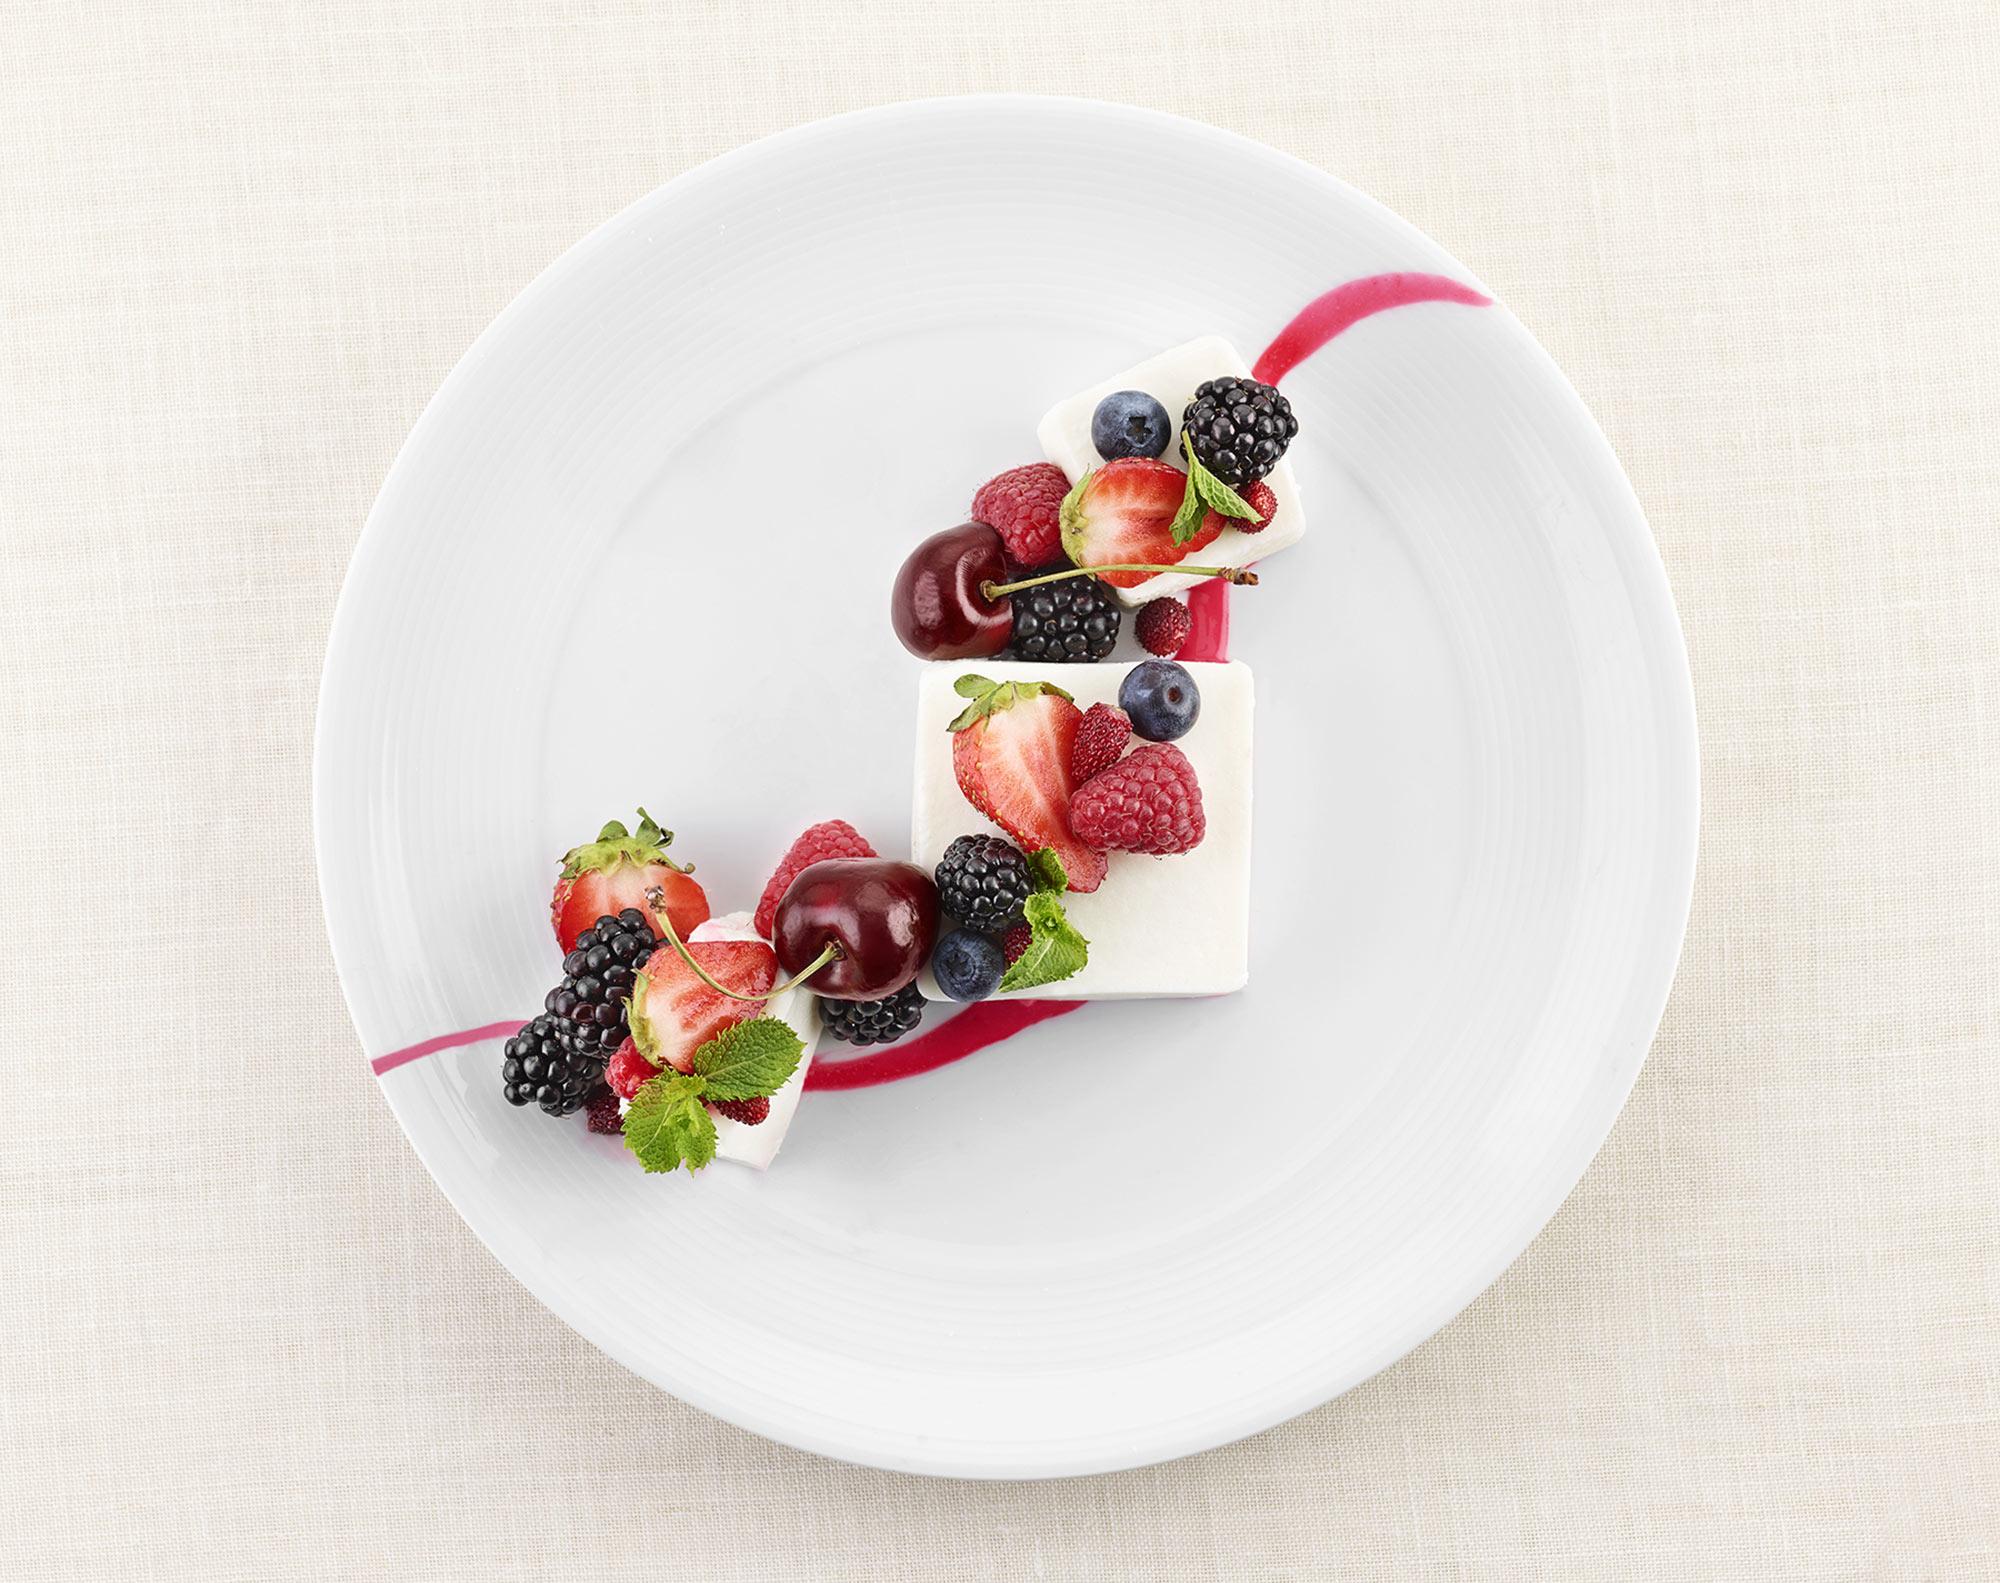 Latte Varese Frutti di Bosco Piatto Food Shot by Fotografando